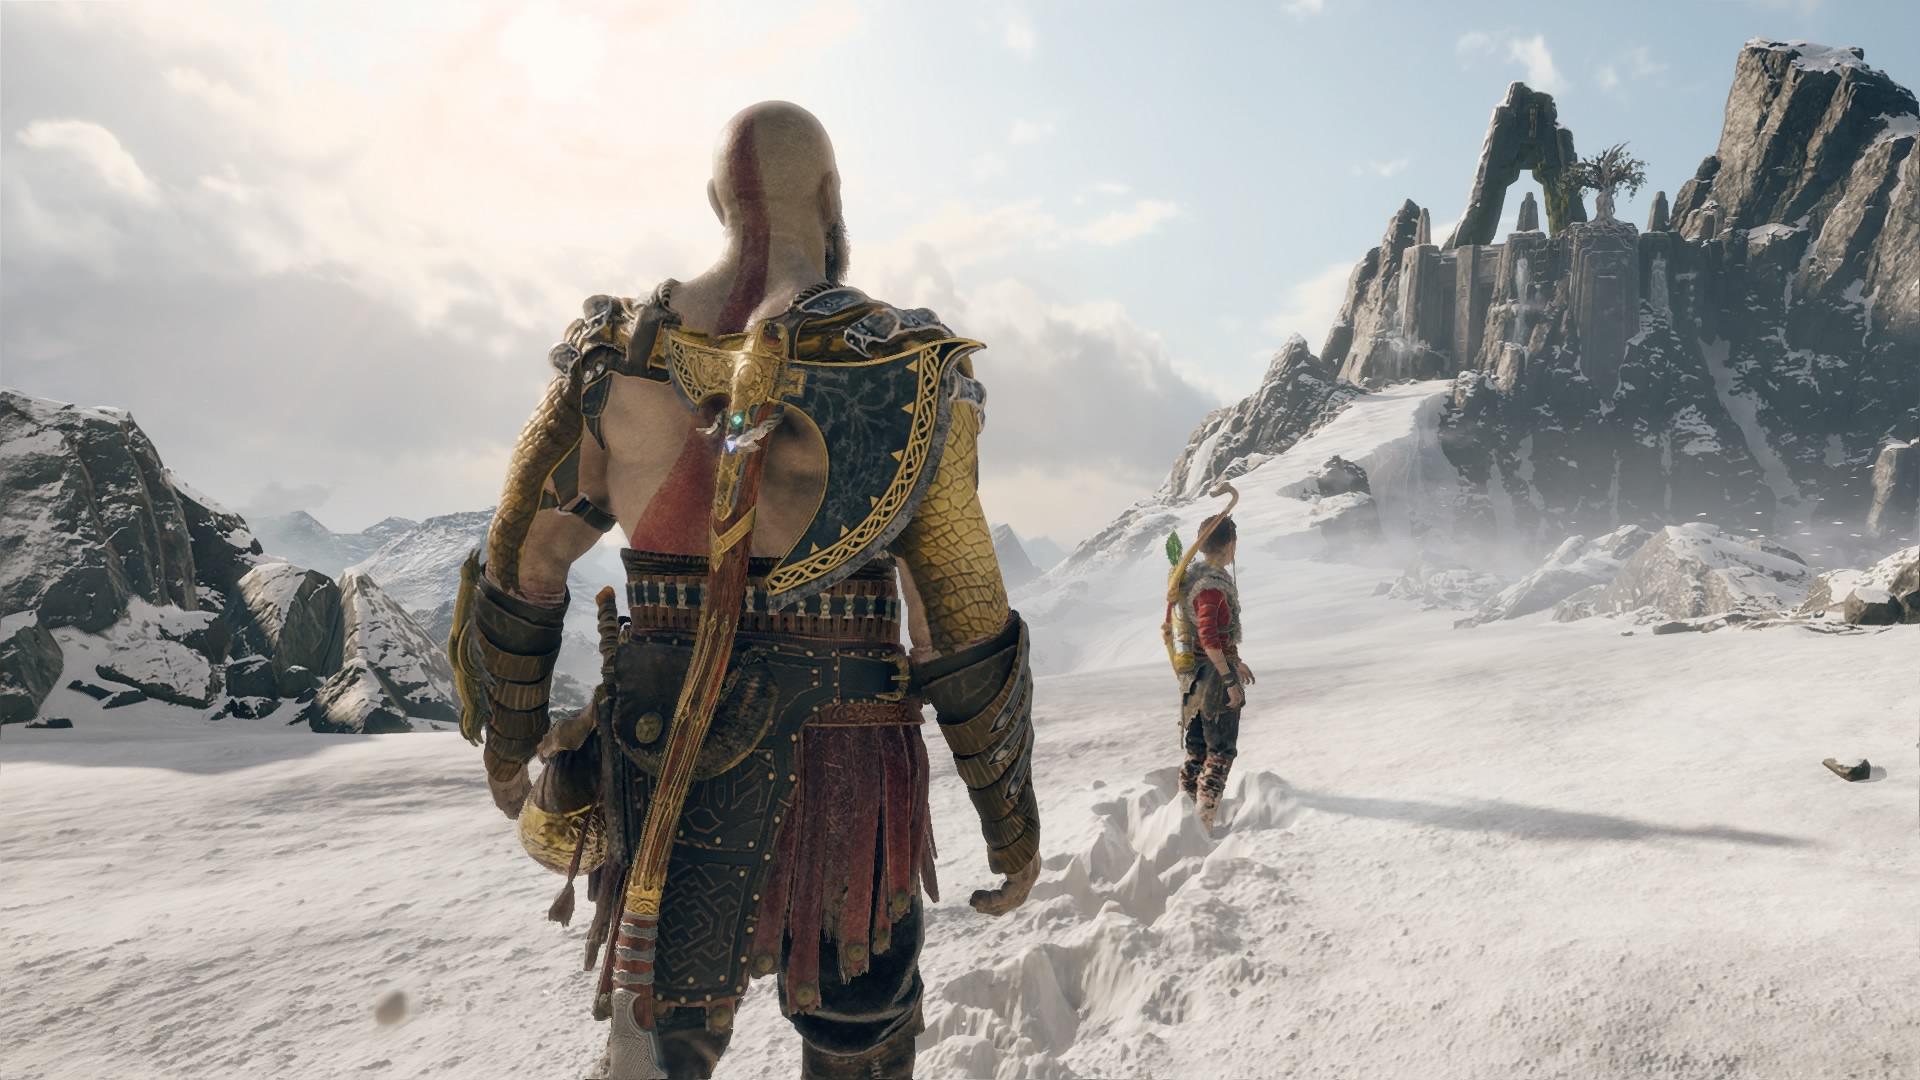 God of War: mitkä maisemat ja selkälihaksisto